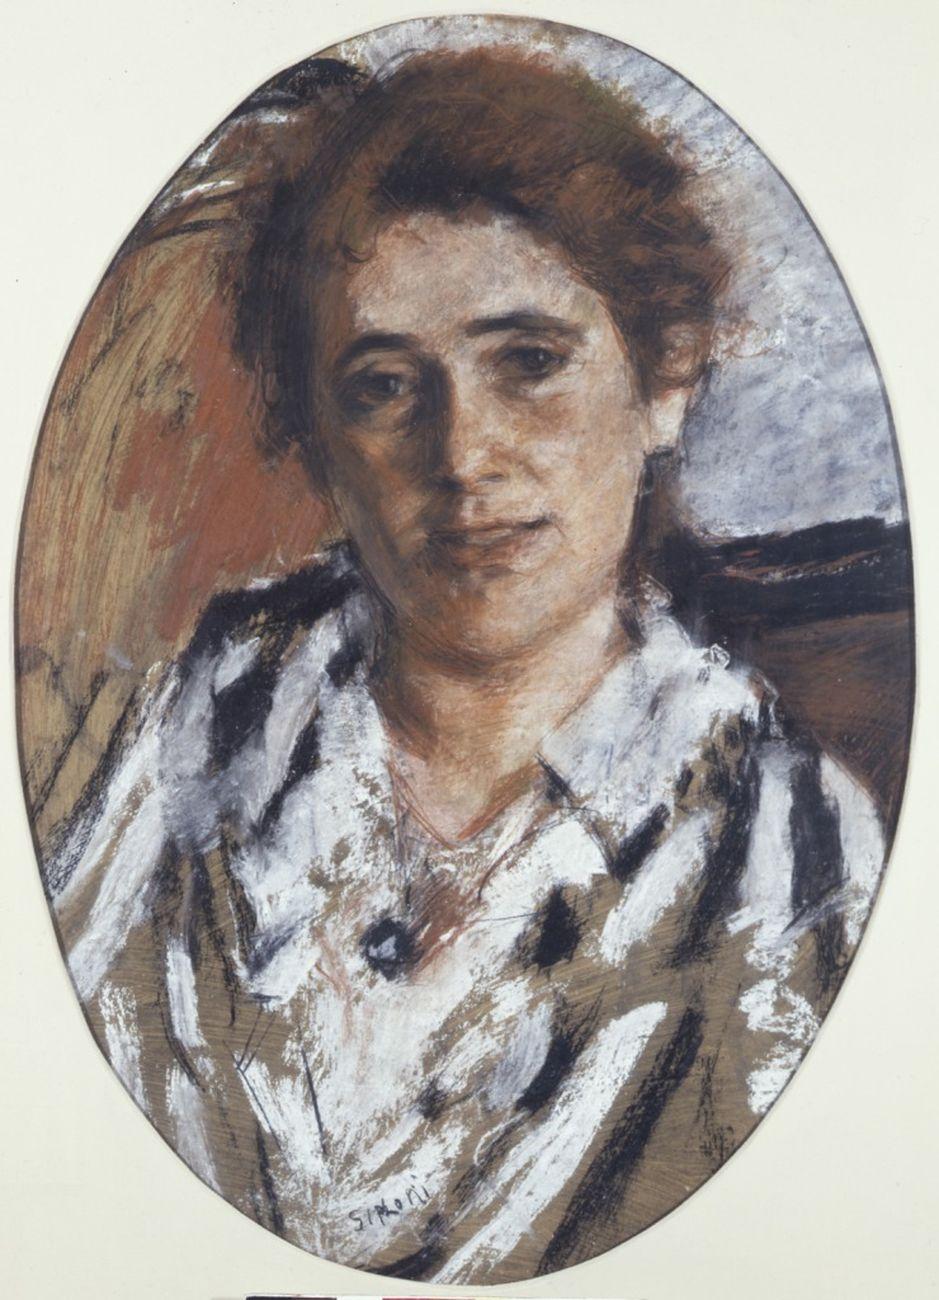 Mario Sironi, Ritratto di Margherita Sarfatti, 1916-17. Collezione privata, Roma